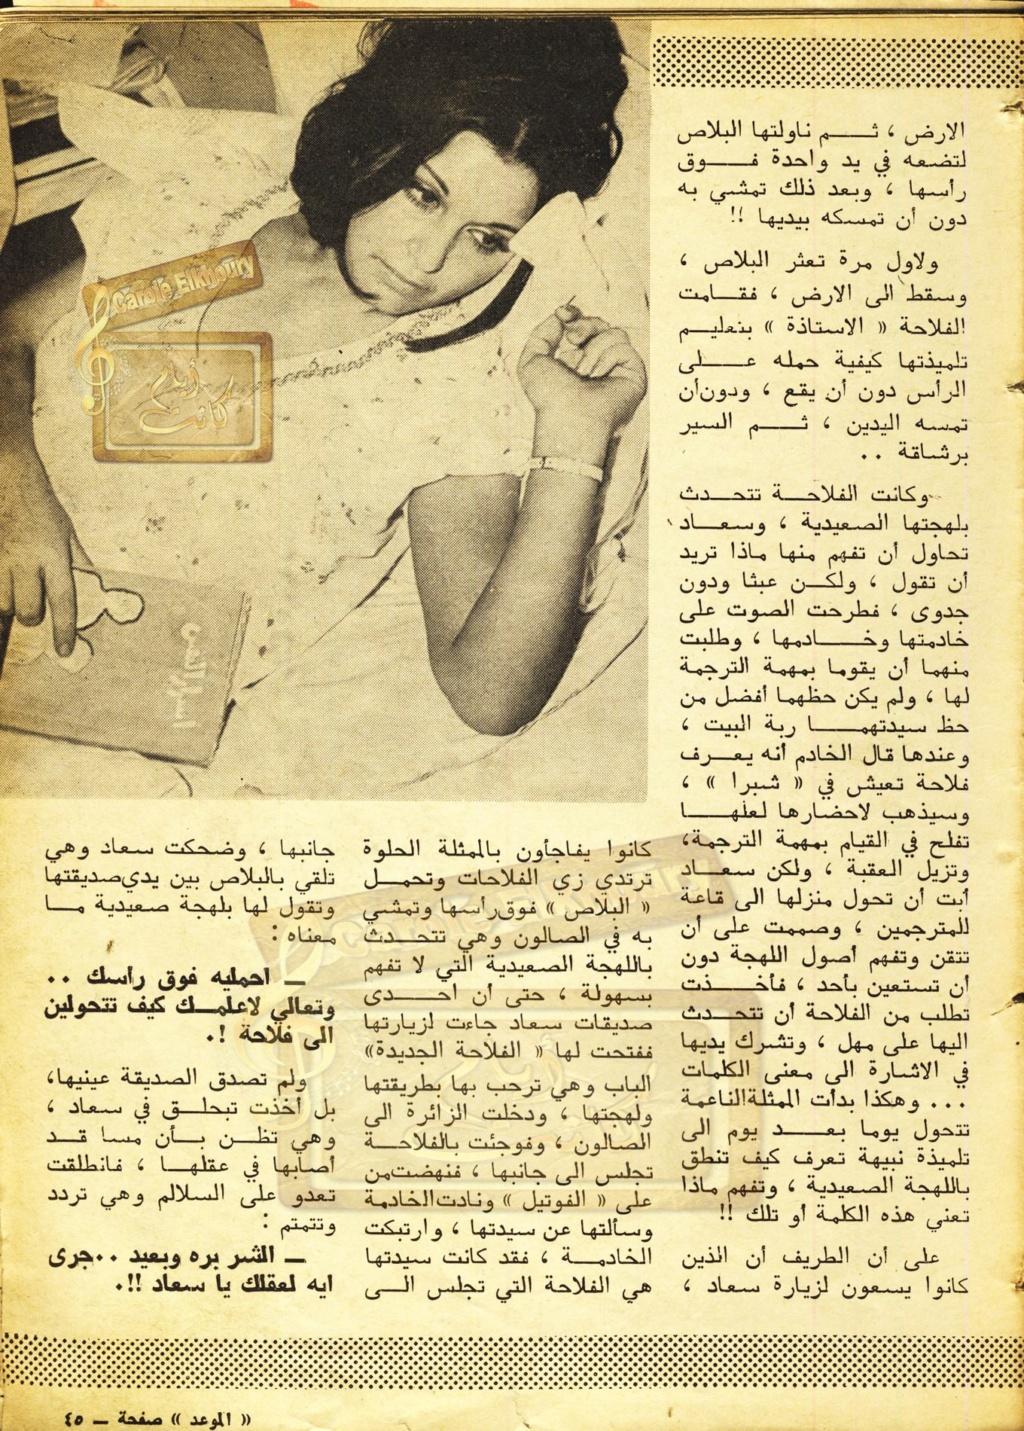 مقال صحفي : ماهو سر .. الفلاحة التي احتلت بيت سعاد حسني ؟ 1966 م 424